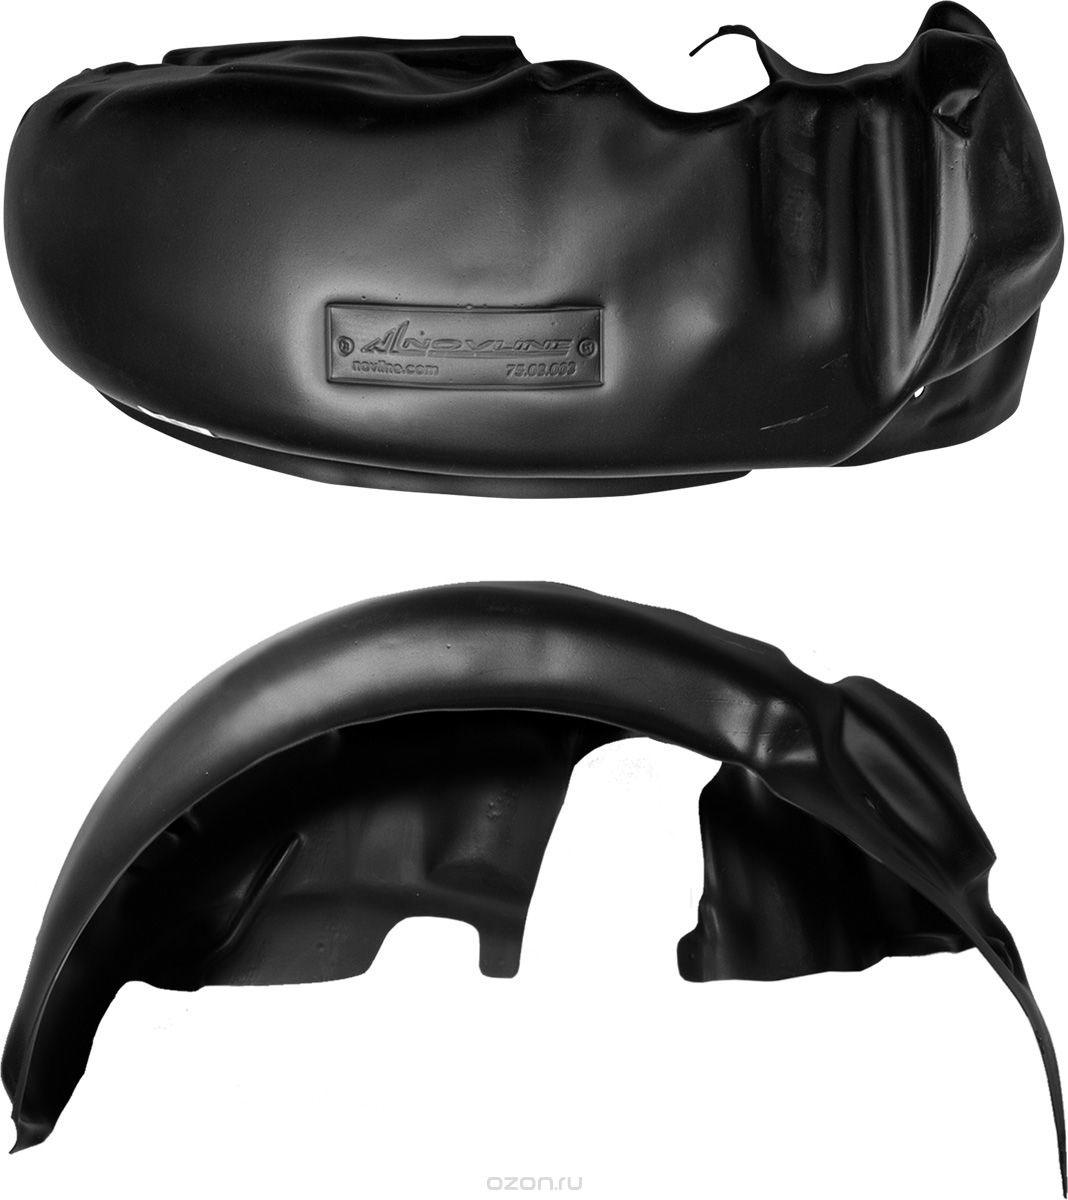 Подкрылок Novline-Autofamily, для TOYOTA Avensis 2009->, задний левыйNLL.48.19.003Идеальная защита колесной ниши. Локеры разработаны с применением цифровых технологий, гарантируют максимальную повторяемость поверхности арки. Изделия устанавливаются без нарушения лакокрасочного покрытия автомобиля, каждый подкрылок комплектуется крепежом. Уважаемые клиенты, обращаем ваше внимание, что фотографии на подкрылки универсальные и не отражают реальную форму изделия. При этом само изделие идет точно под размер указанного автомобиля.